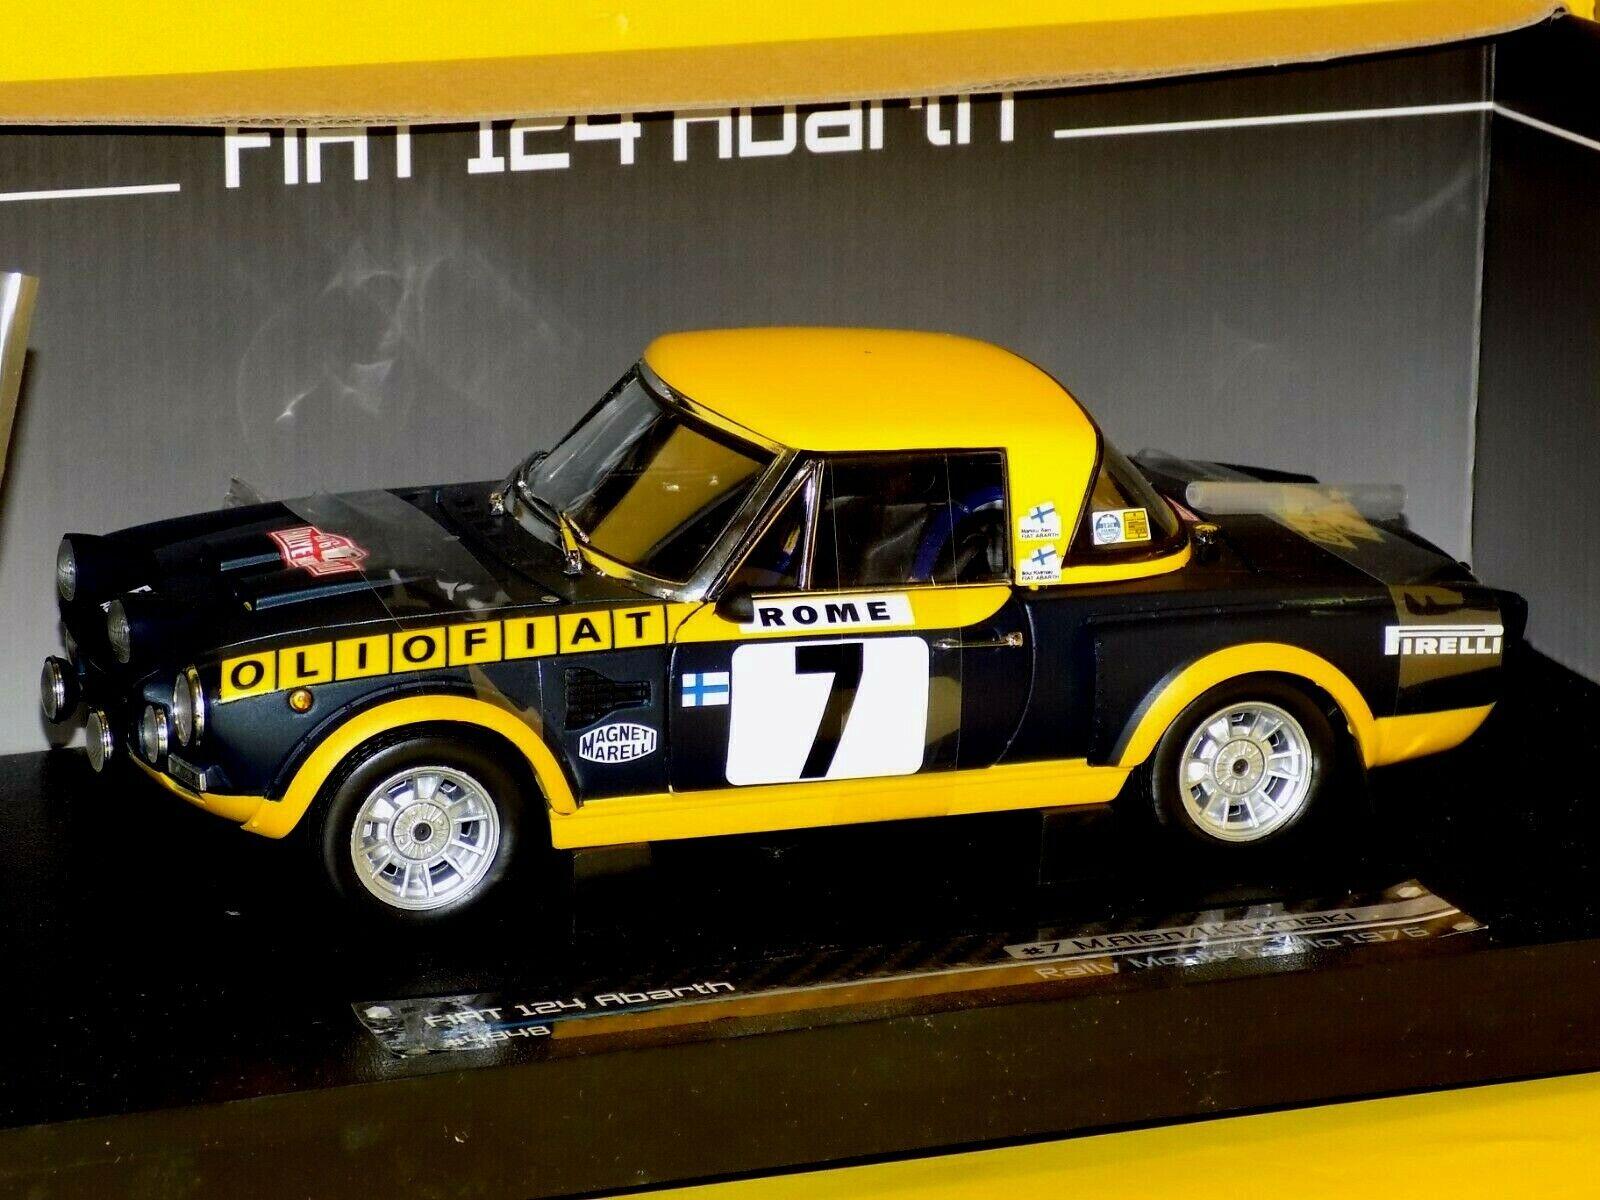 Fiat 124 Abarth  7 M. Alen-I. Kivimaki Monte Carlo 1976 Sun Star 4948 1 18